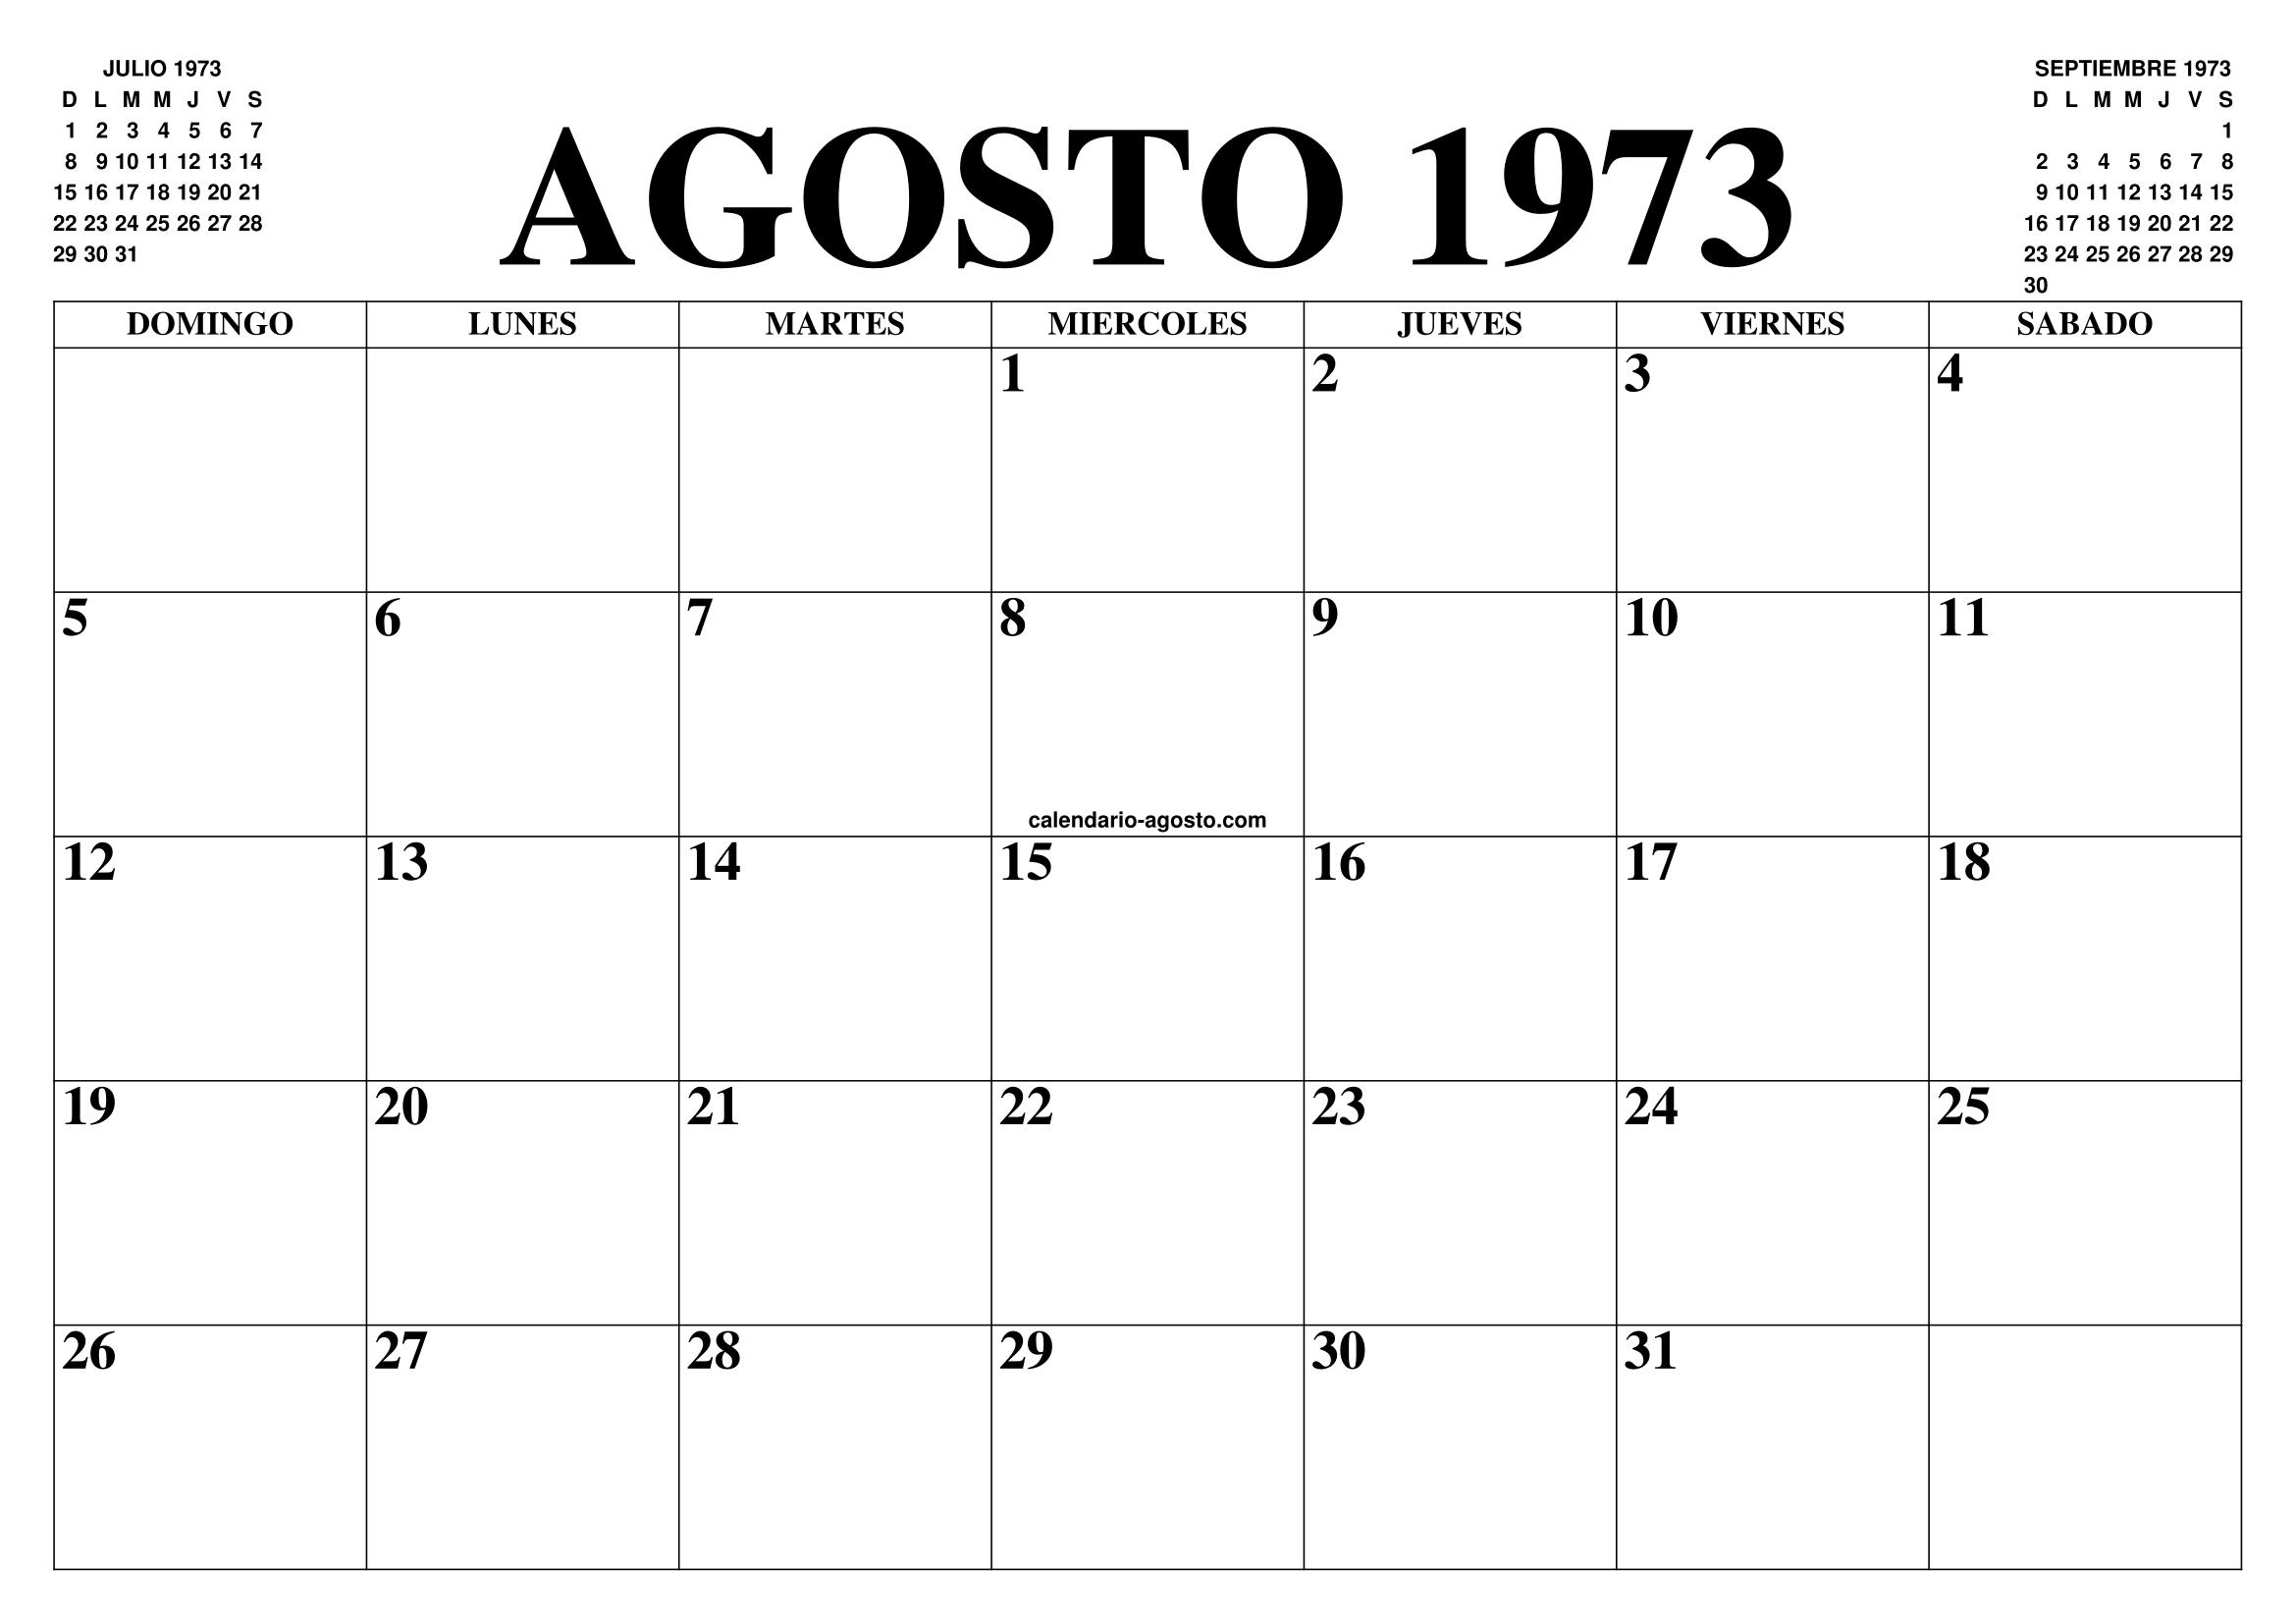 Calendario 1973.Calendario Agosto 1973 El Calendario Agosto Para Imprimir